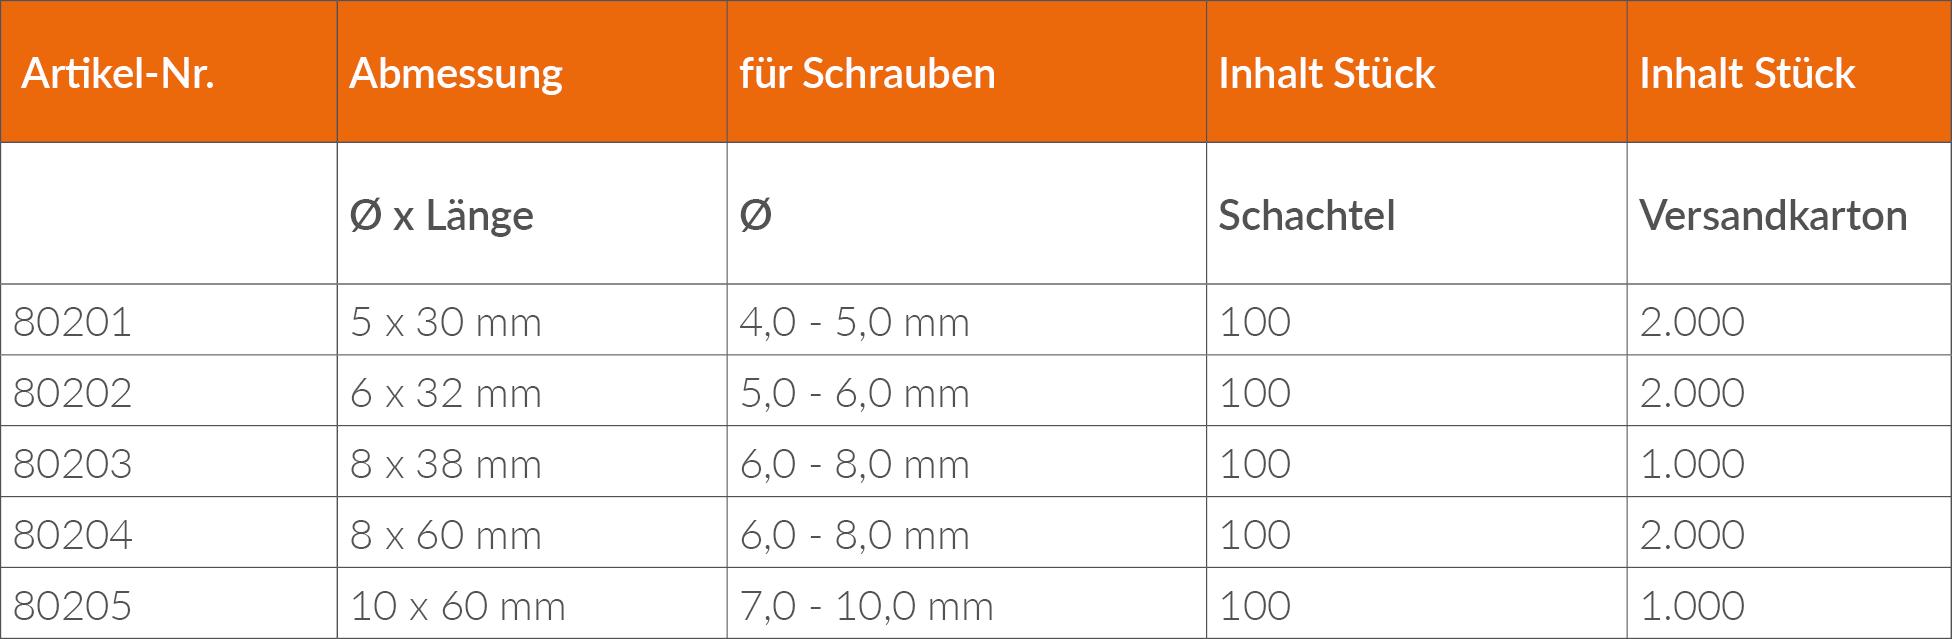 Metall-Universaldübel_Lieferprogramm